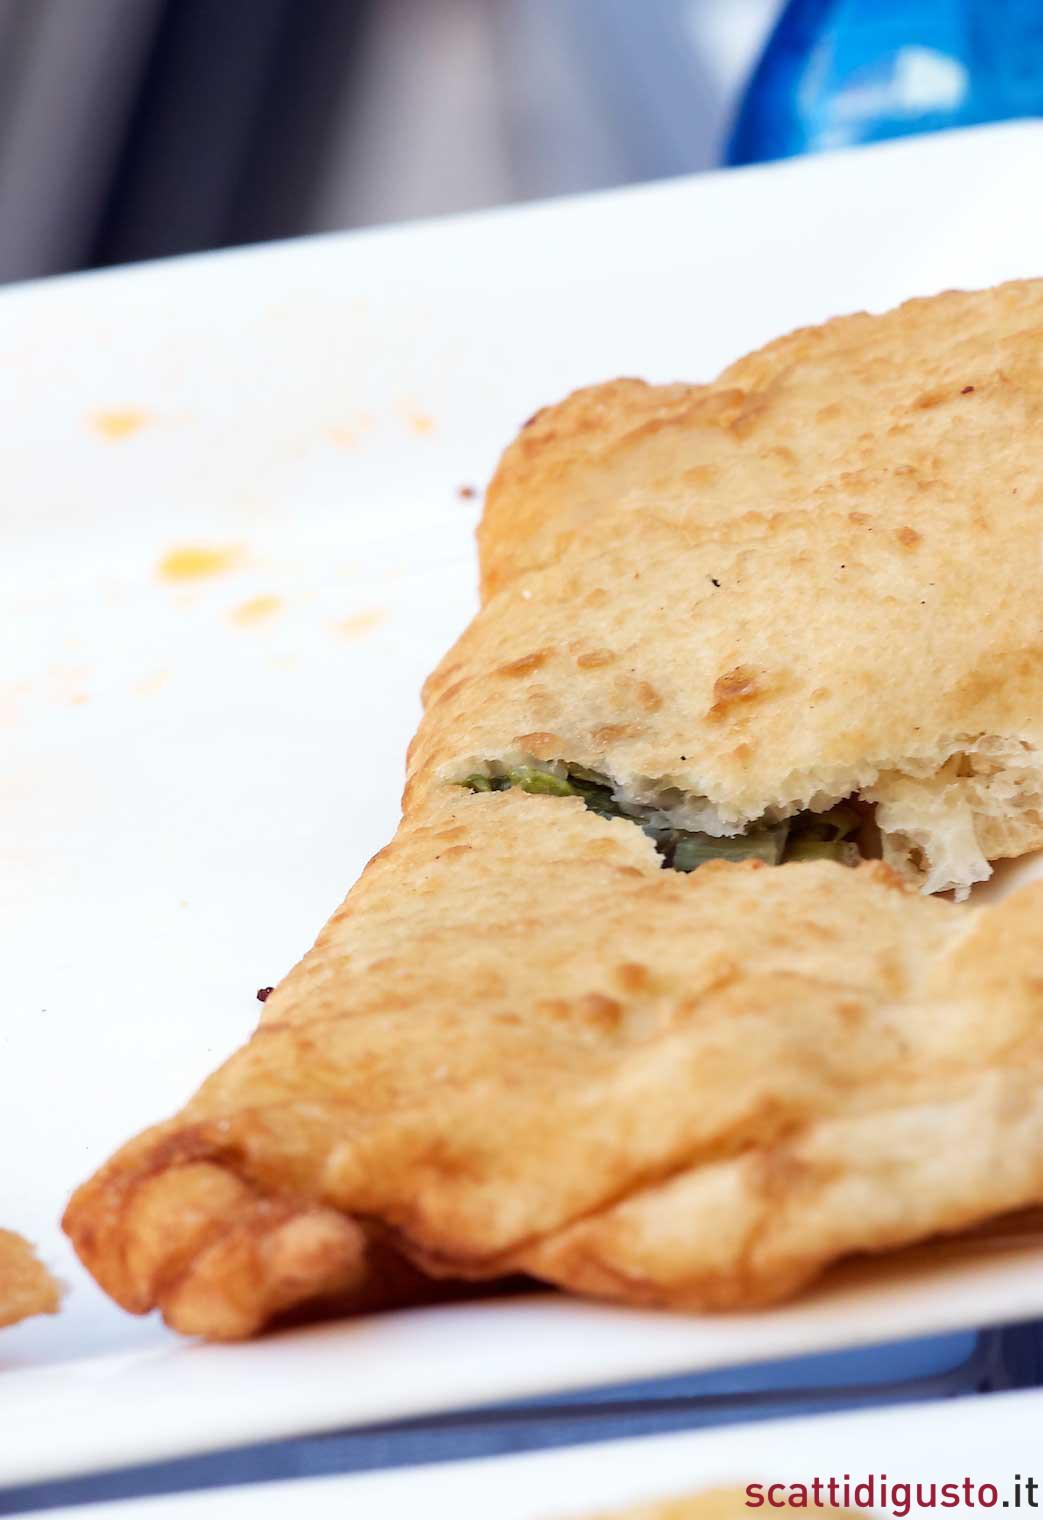 Masterchef-3-pizza-fritta-scarola-esterna-Napoli